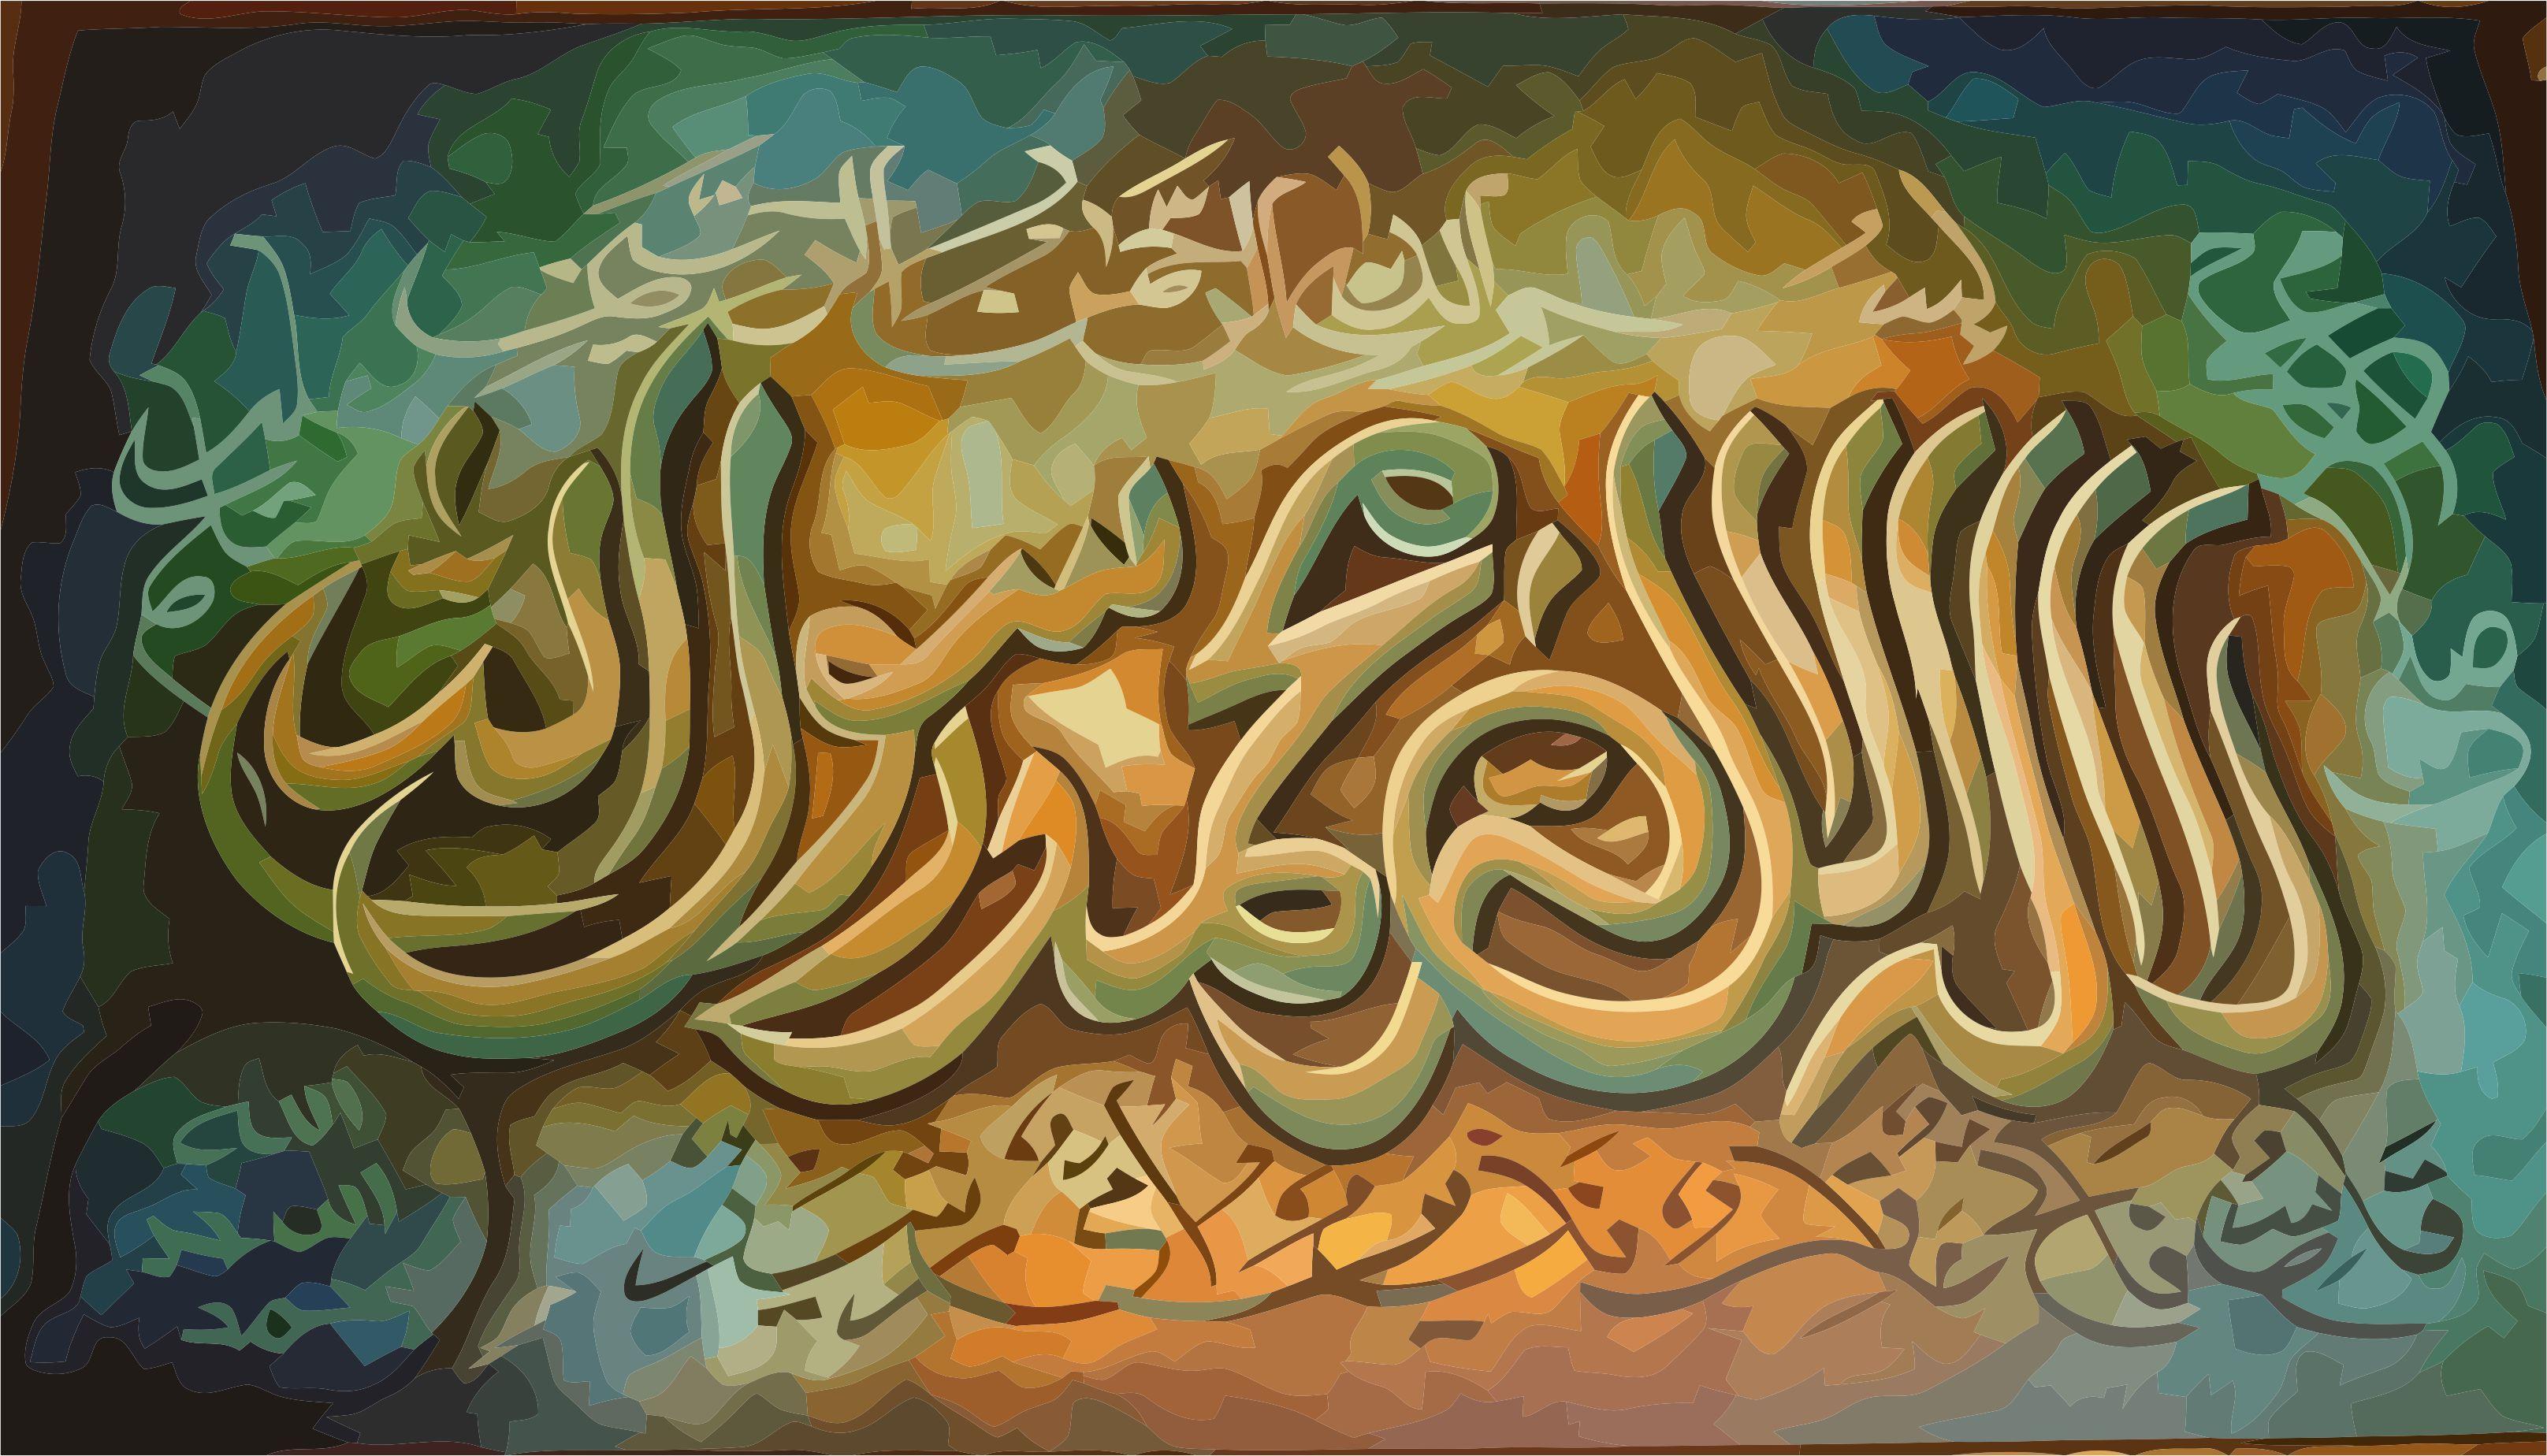 لا الہ الا اللہ محمد رسول اللہ Ruh alQuds fi Munasahat